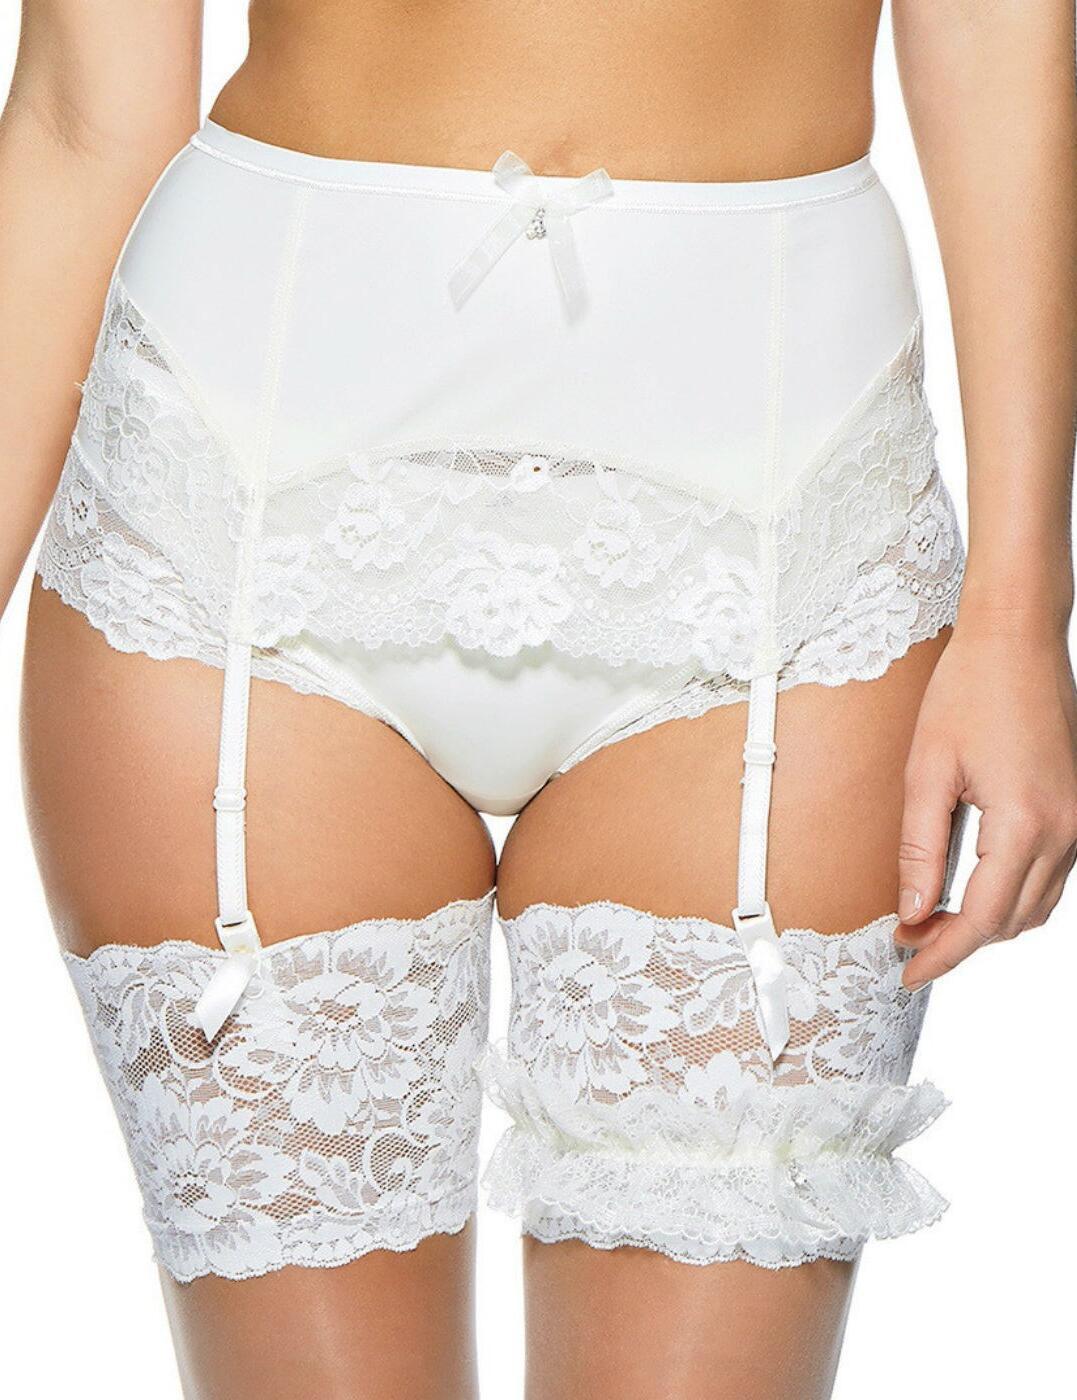 1183220 Charnos Embrace Suspender Belt - 1183220 Ivory